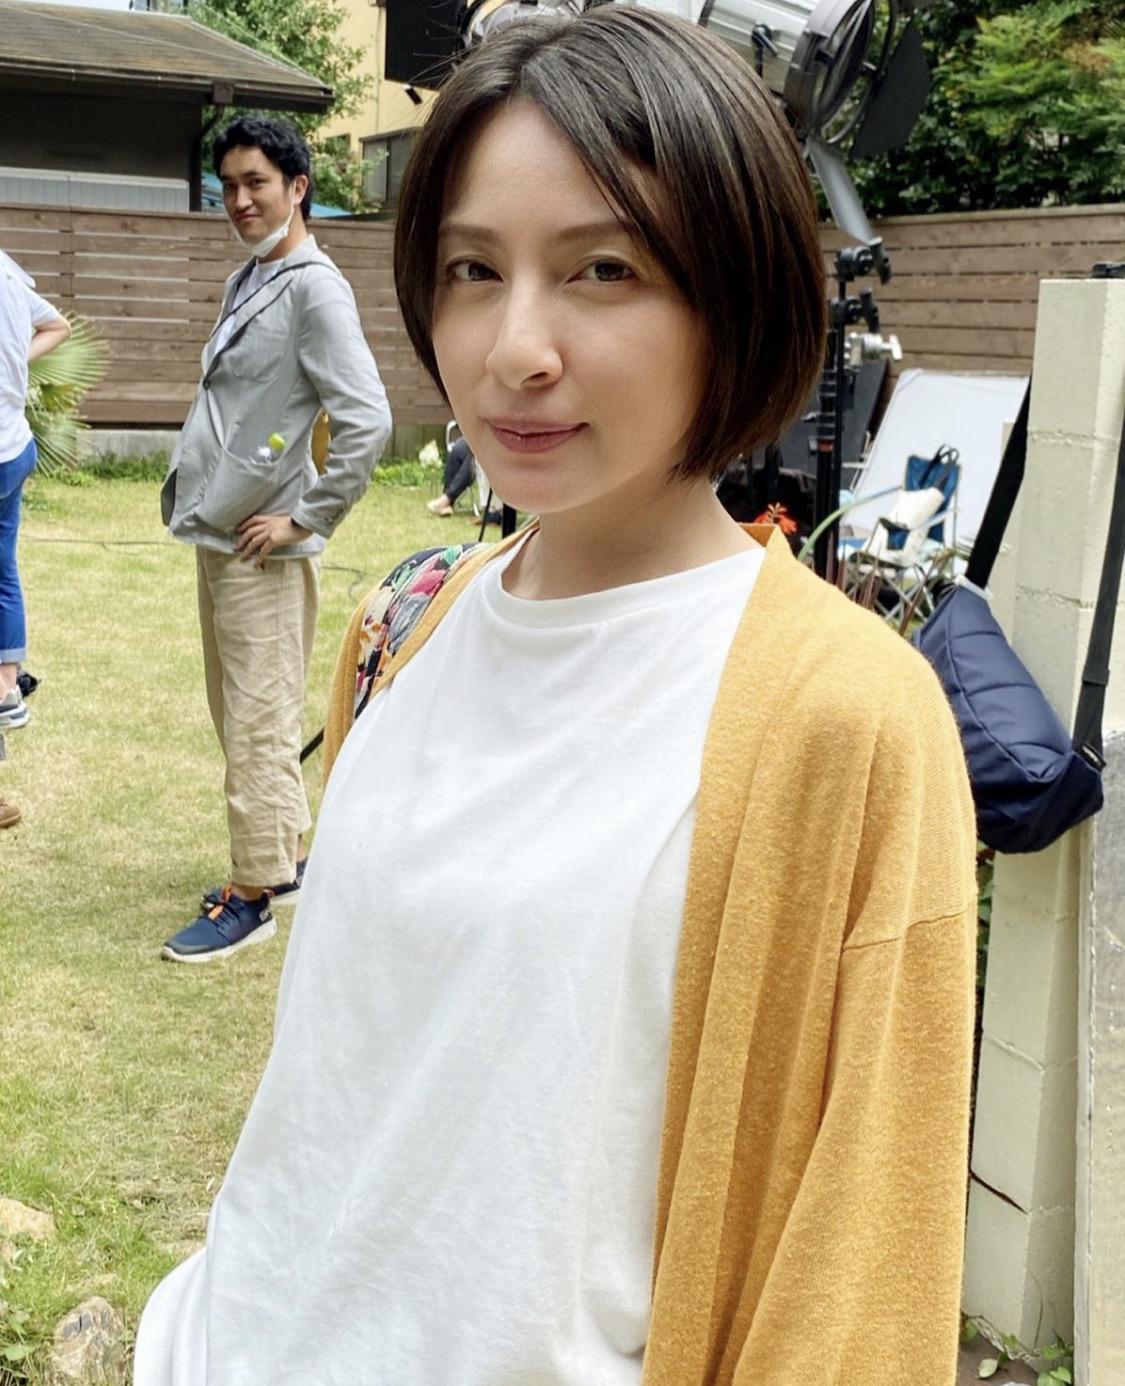 【画像】奥菜恵さん(40歳)、まだ全然いけるw